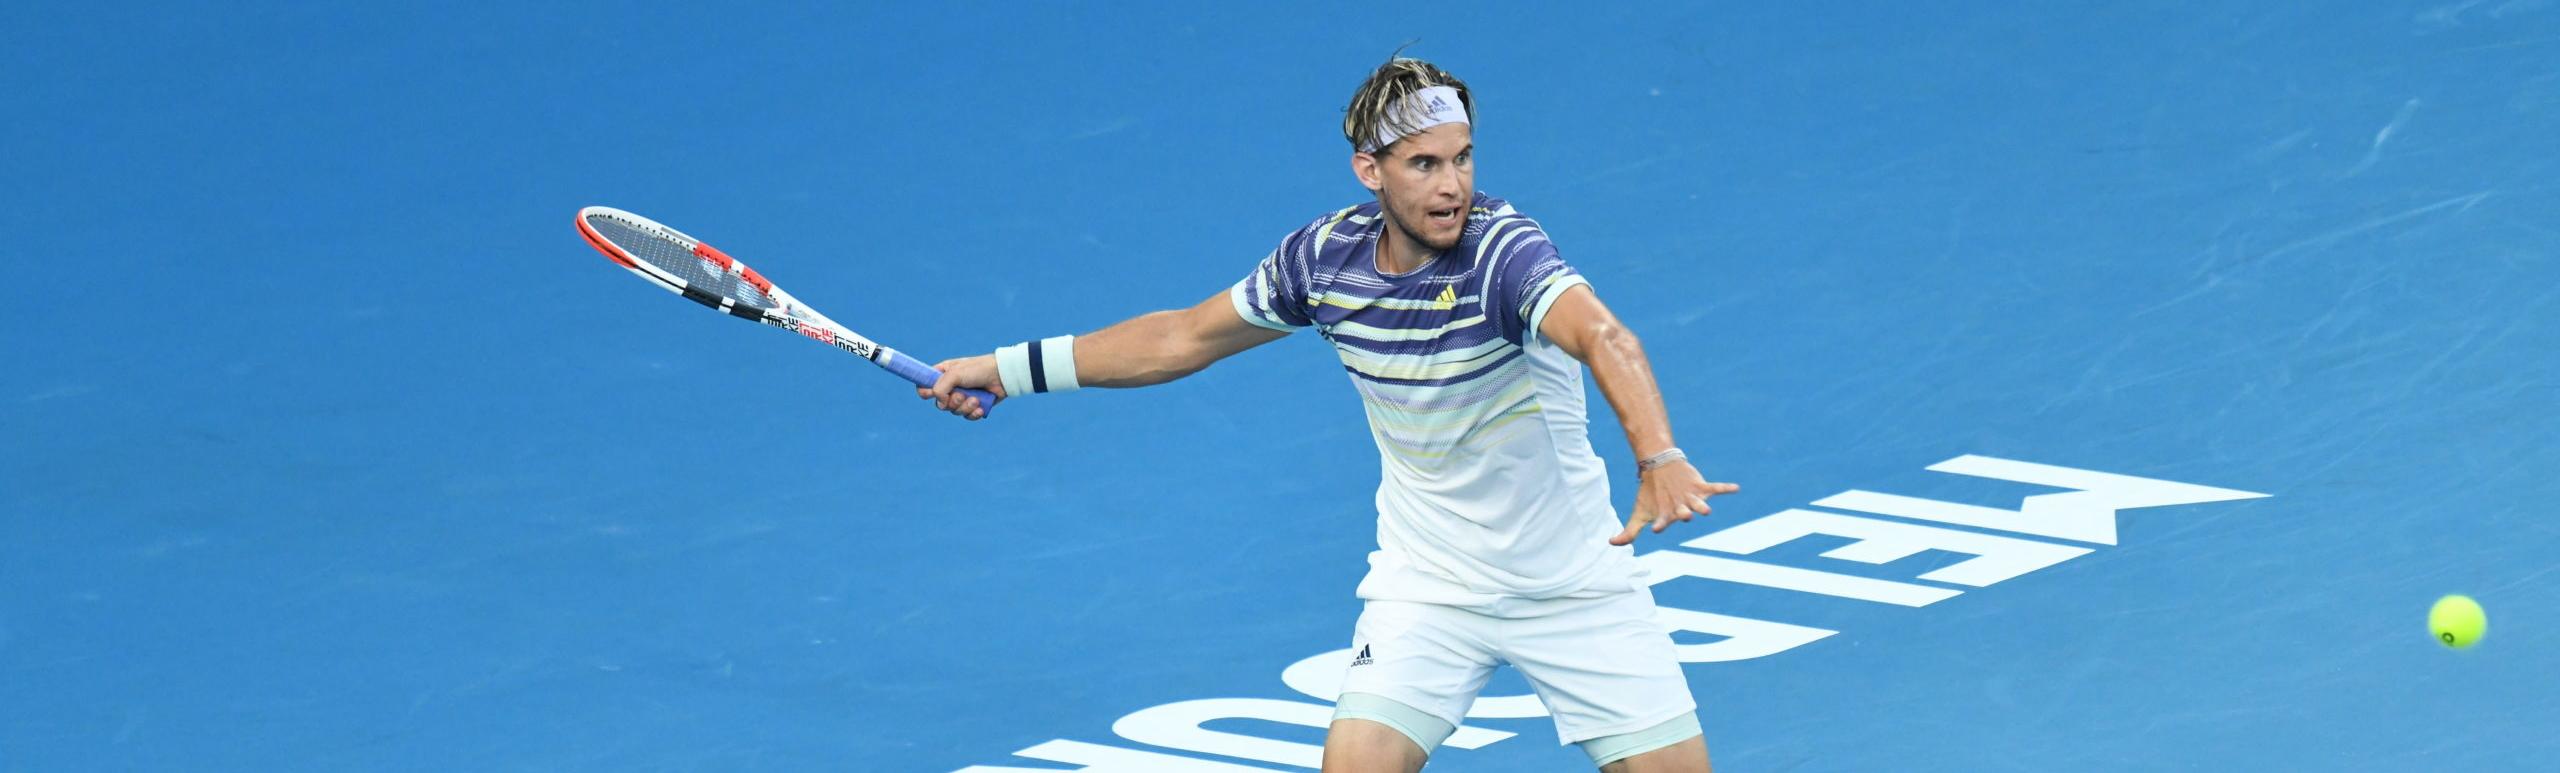 Australian Open: Thiem-Zverev, semifinale spareggio tra due grandi amici - Analisi e quote.